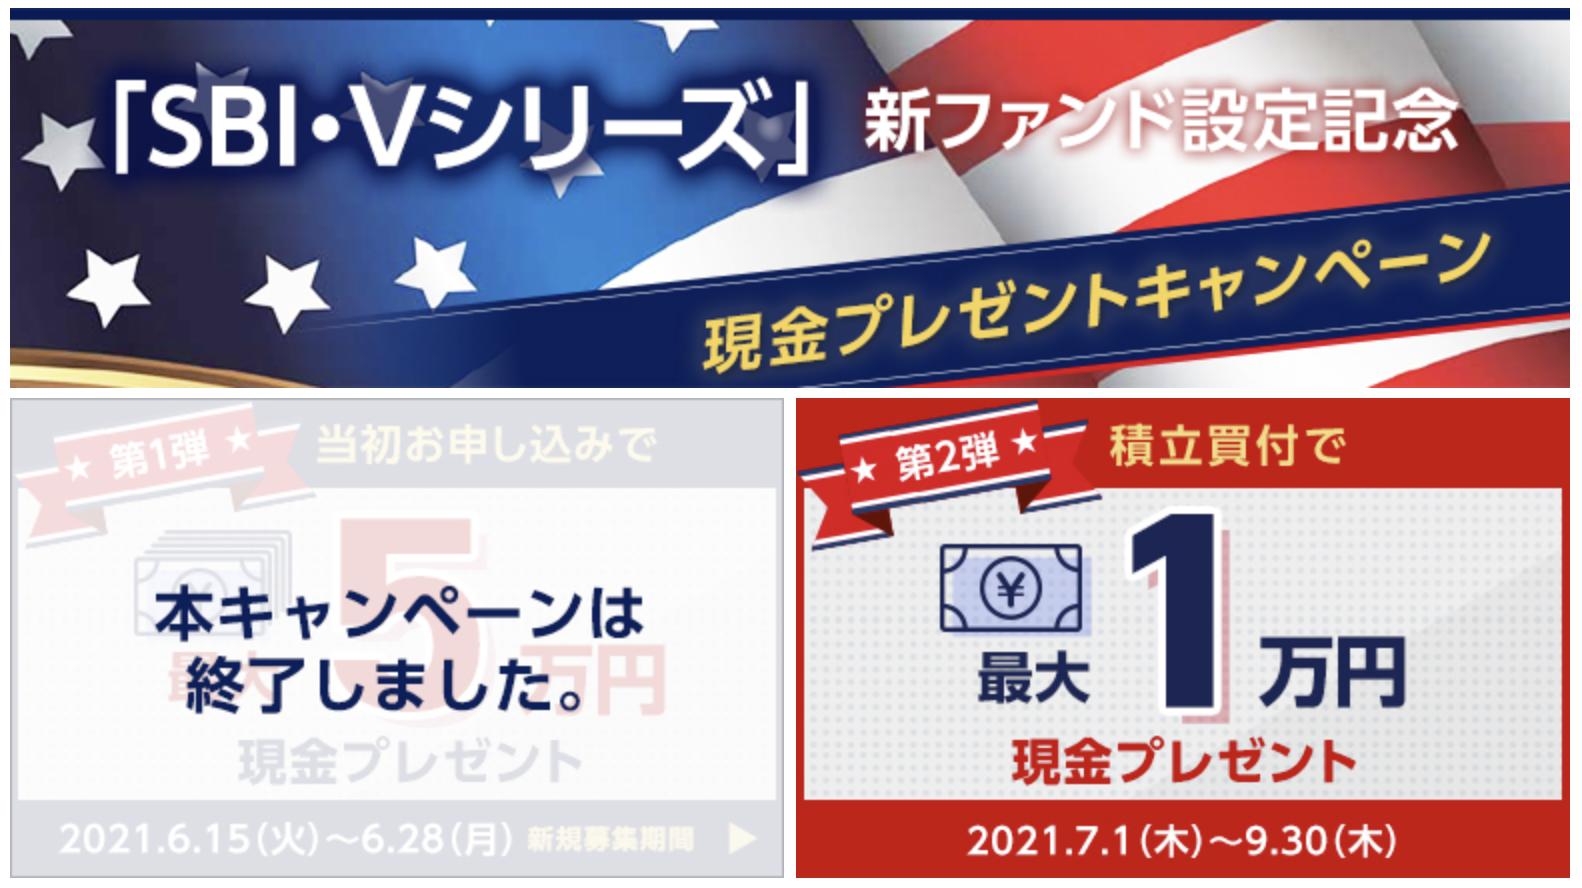 SBI・Vシリーズキャンペーン